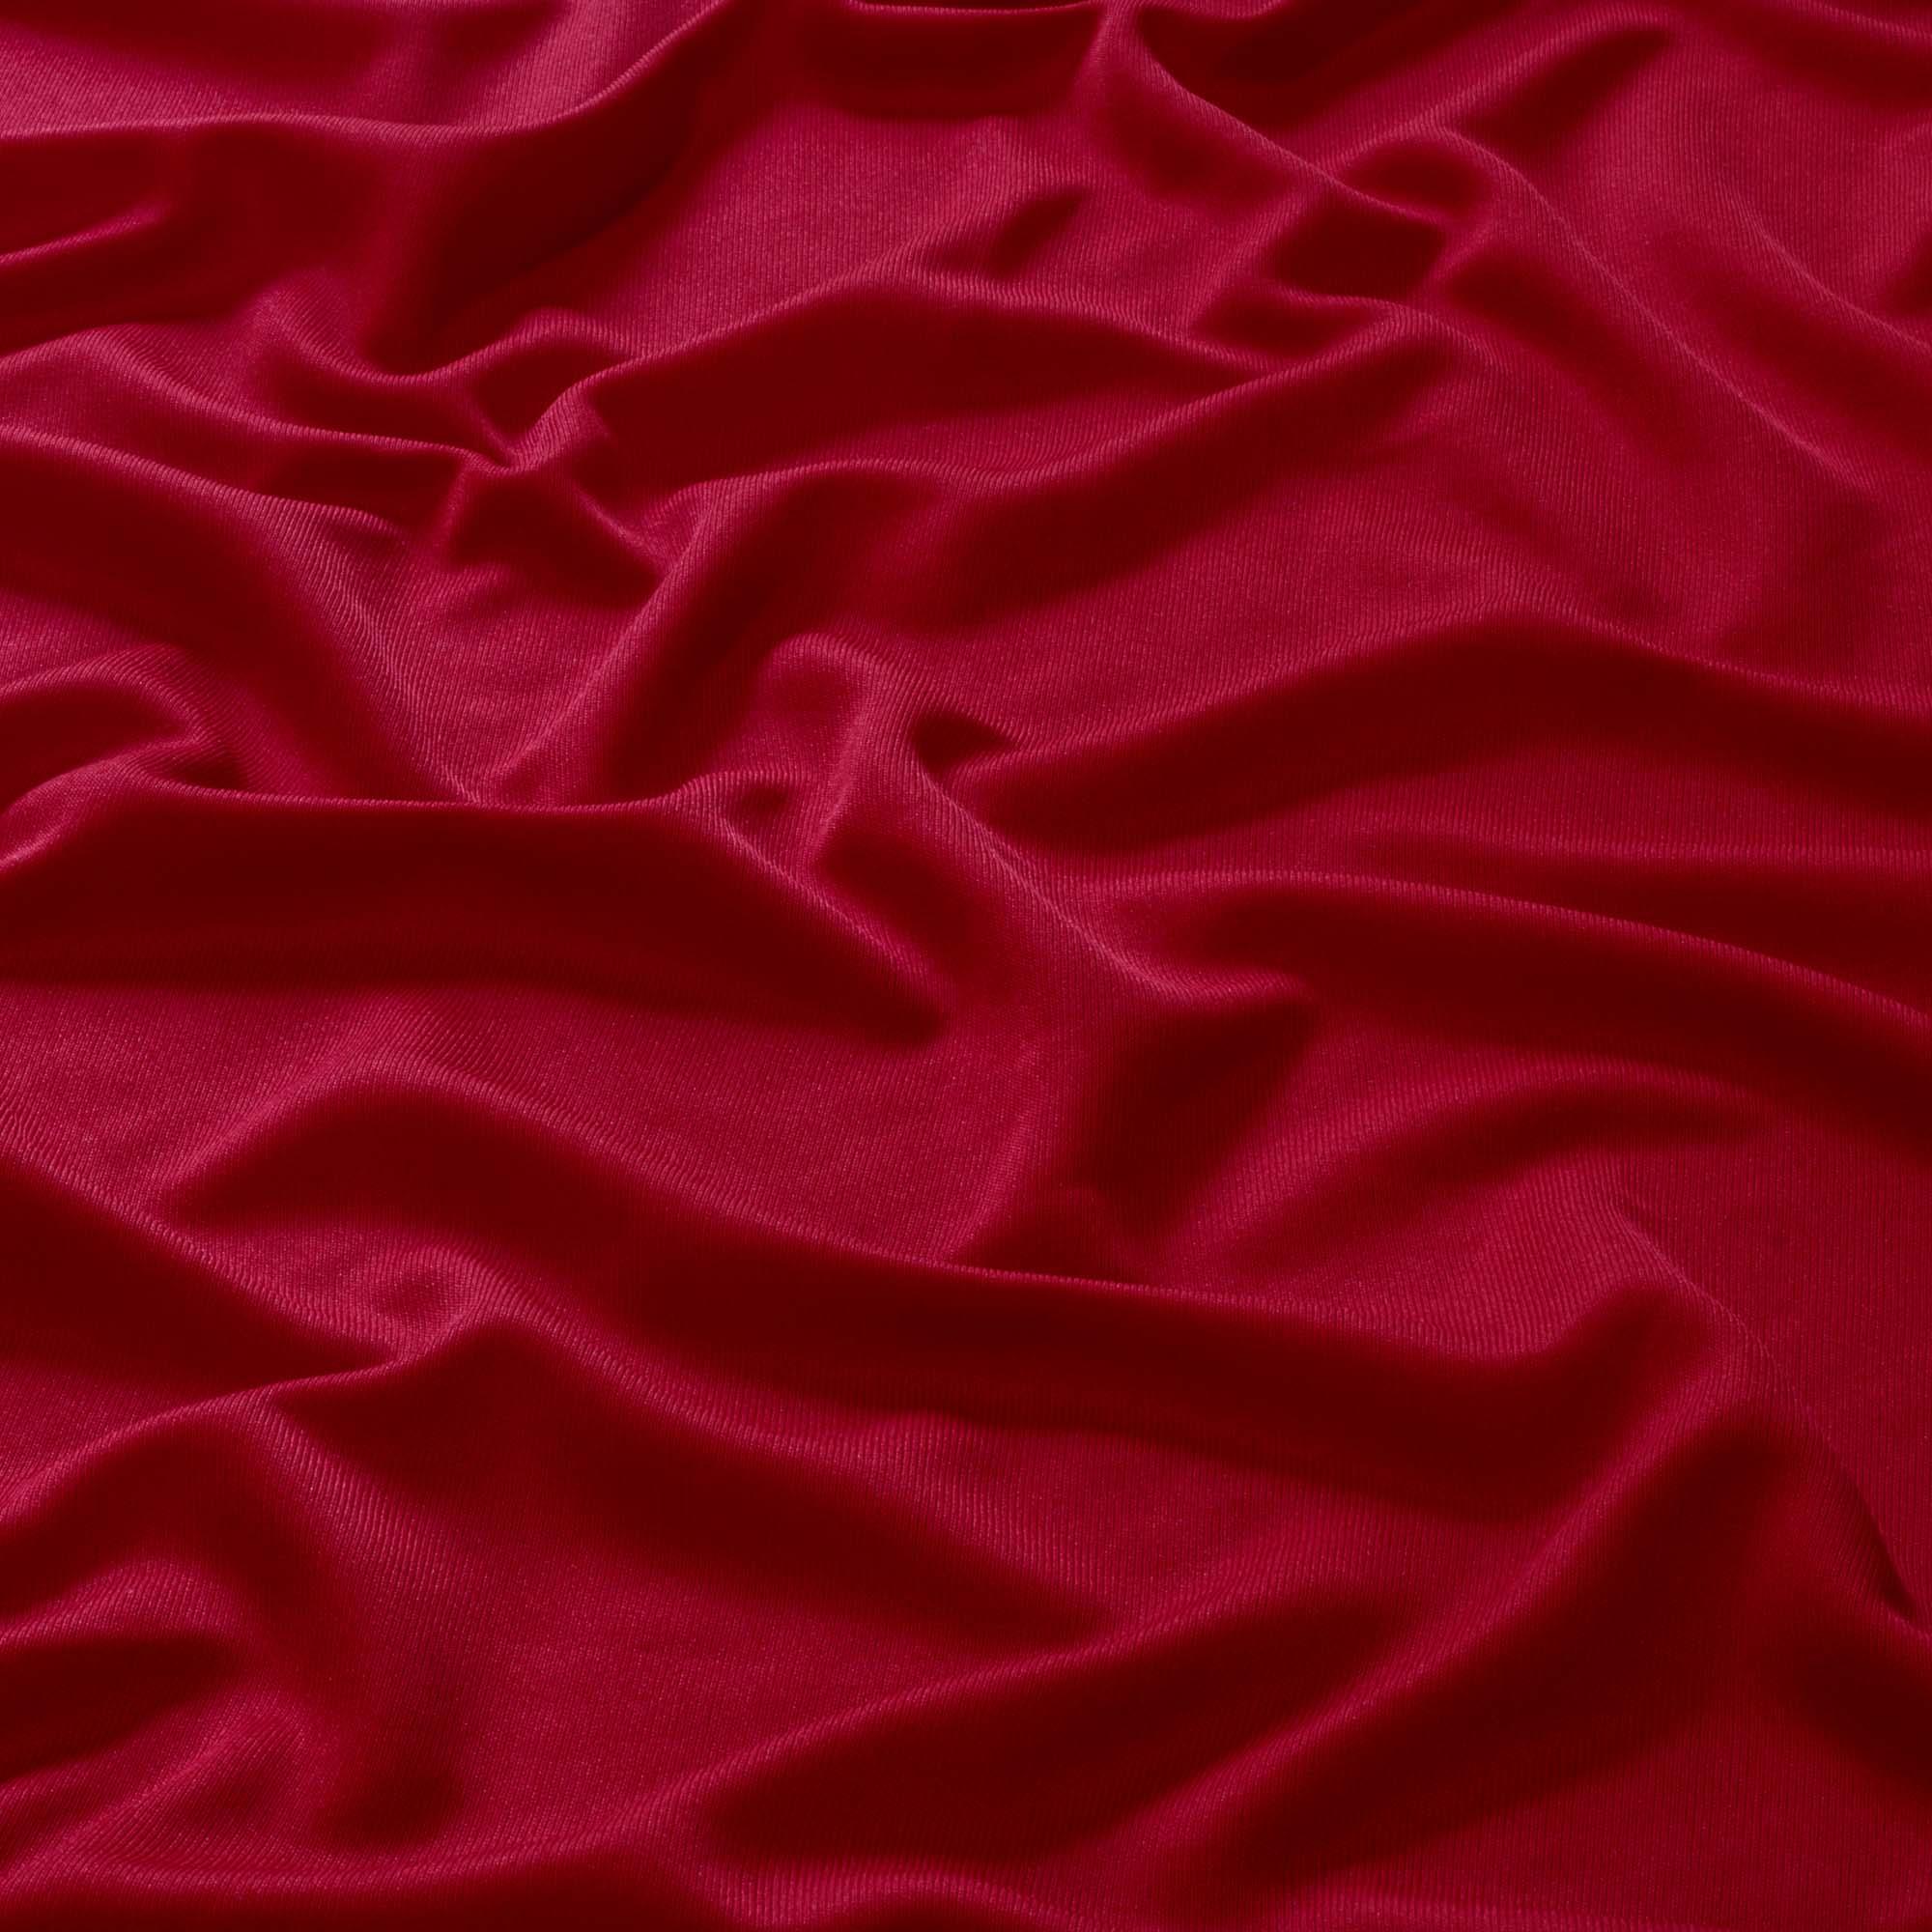 Tecido Malha Helanca Light Vermelha 100% Poliester 1,80 mt Largura